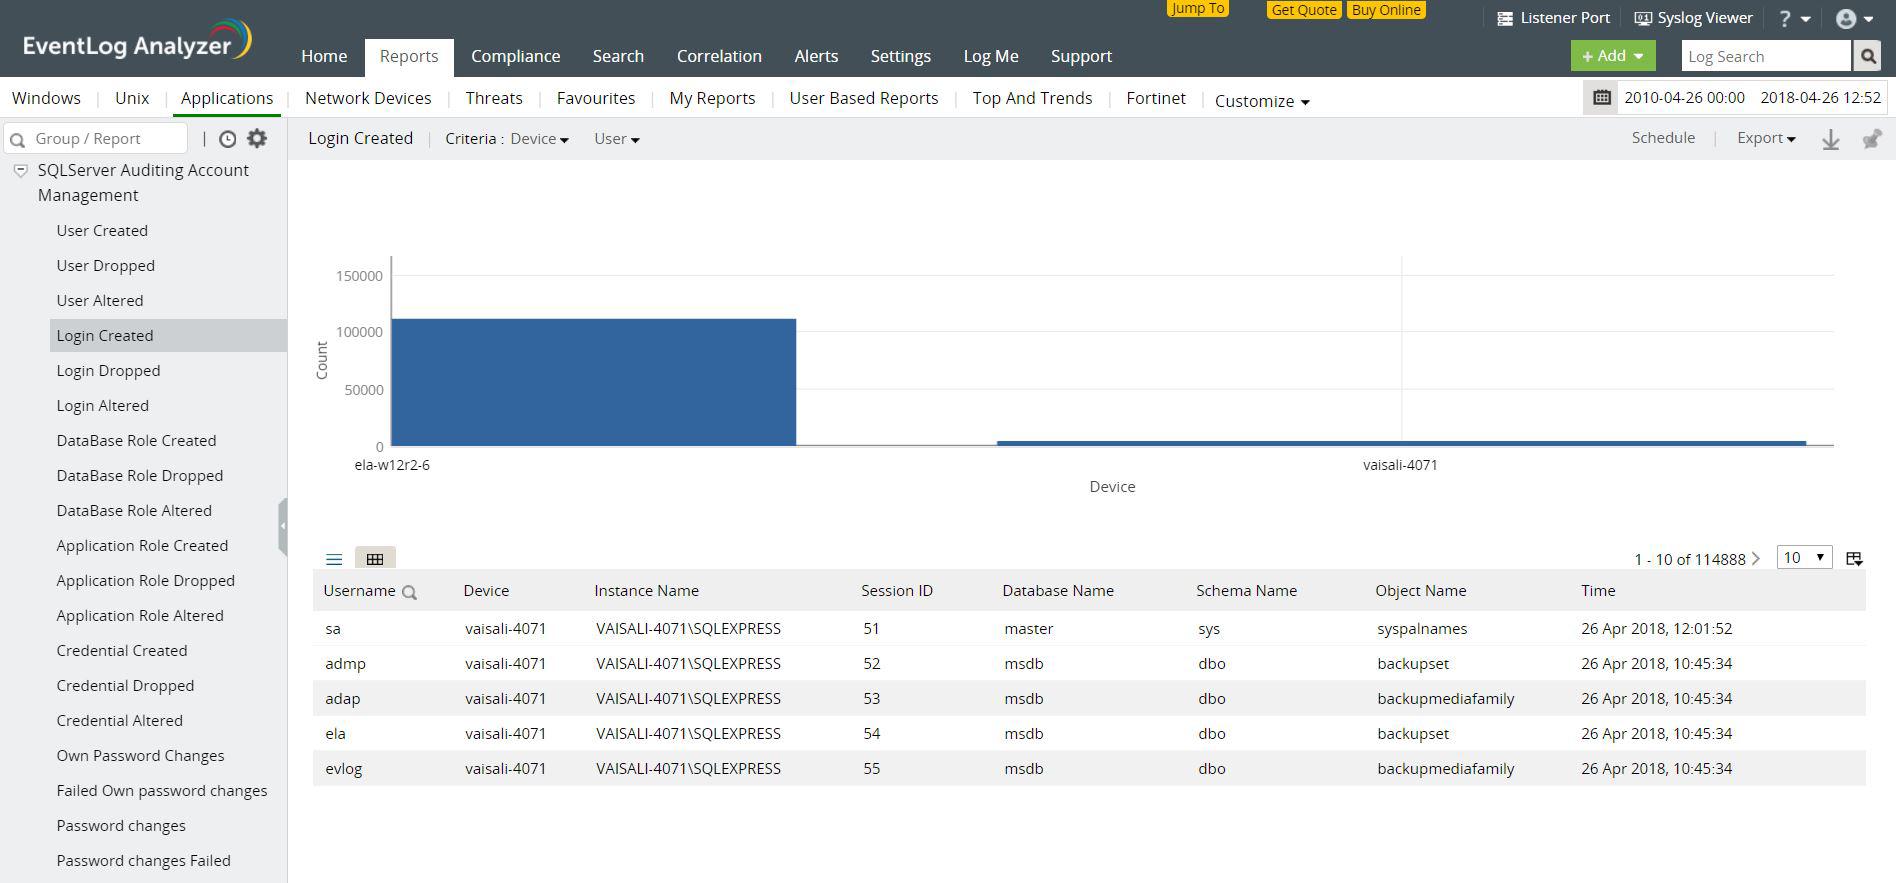 Informes de administración de cuentas MS SQL Server: administrar cuentas